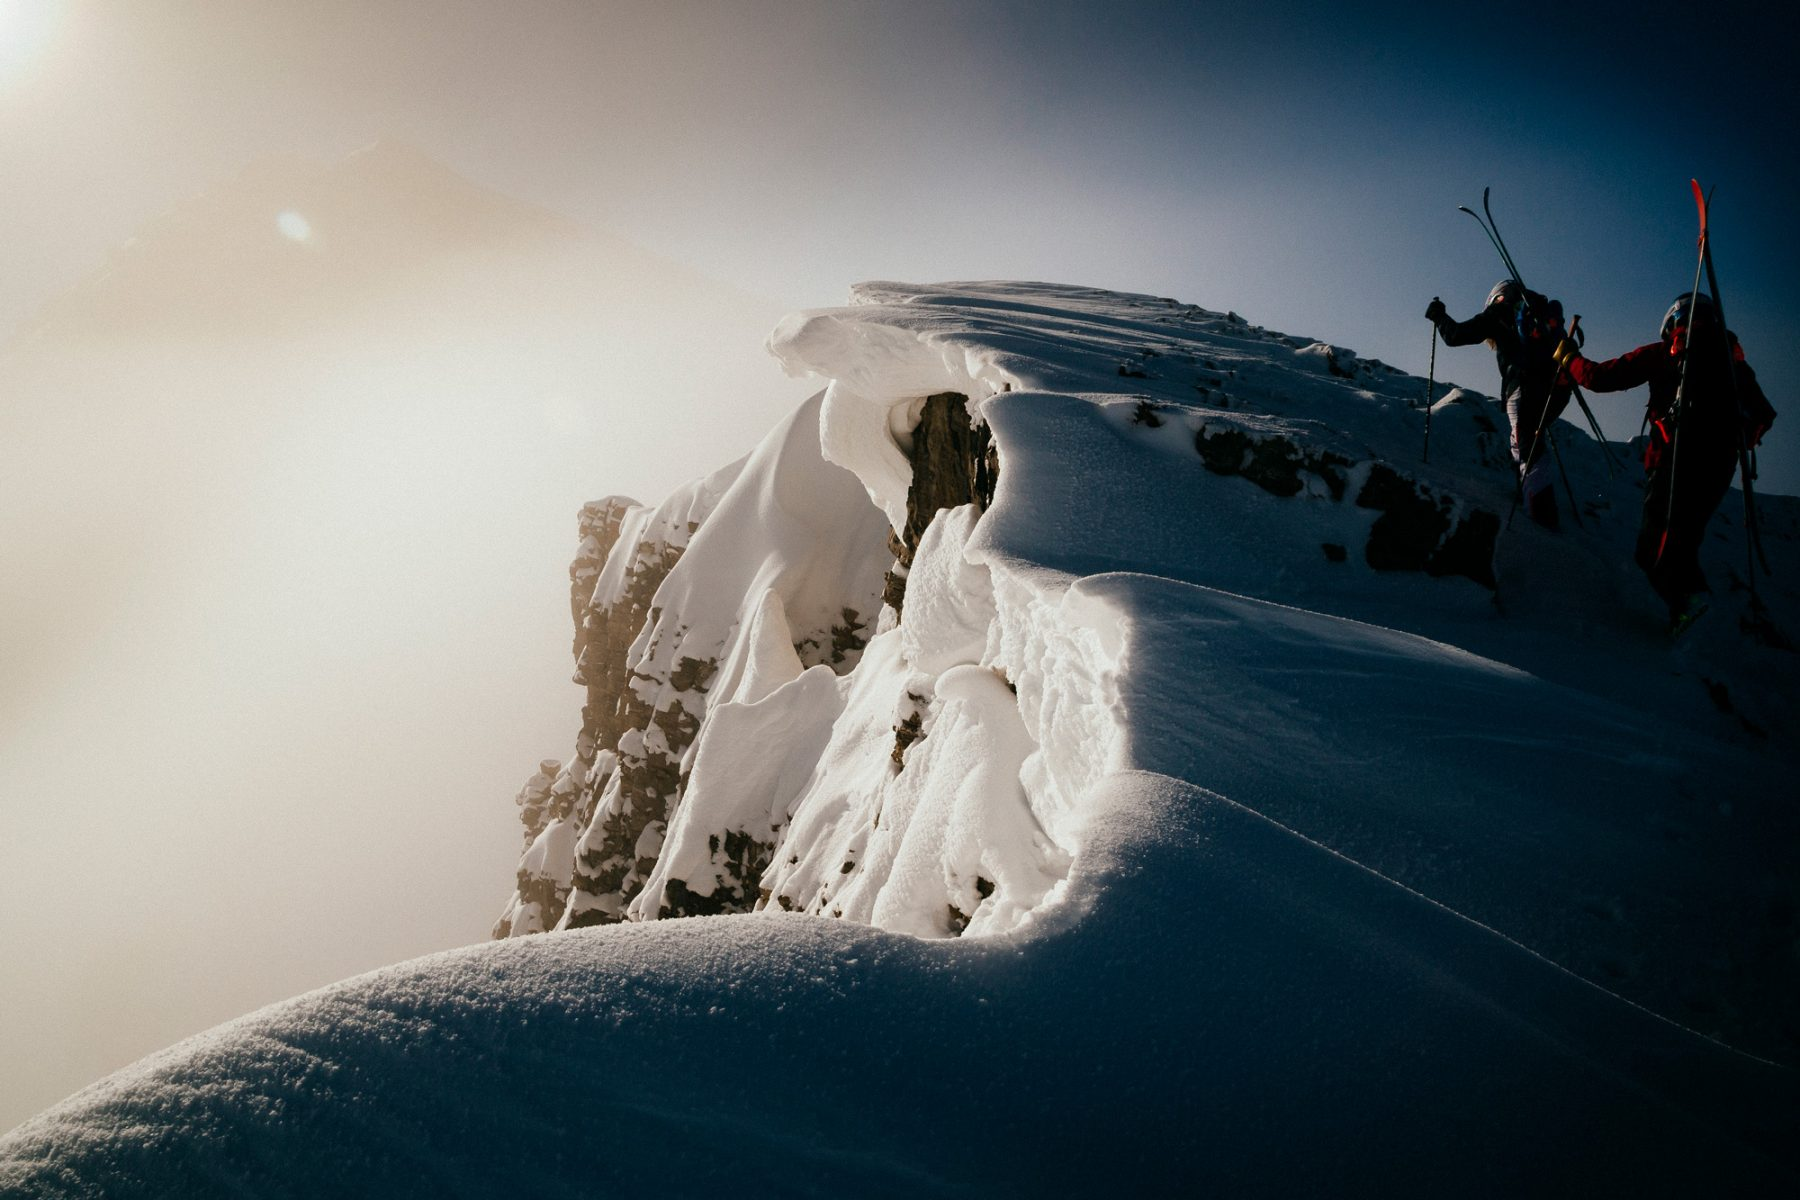 Mountain Climbing in the Snow